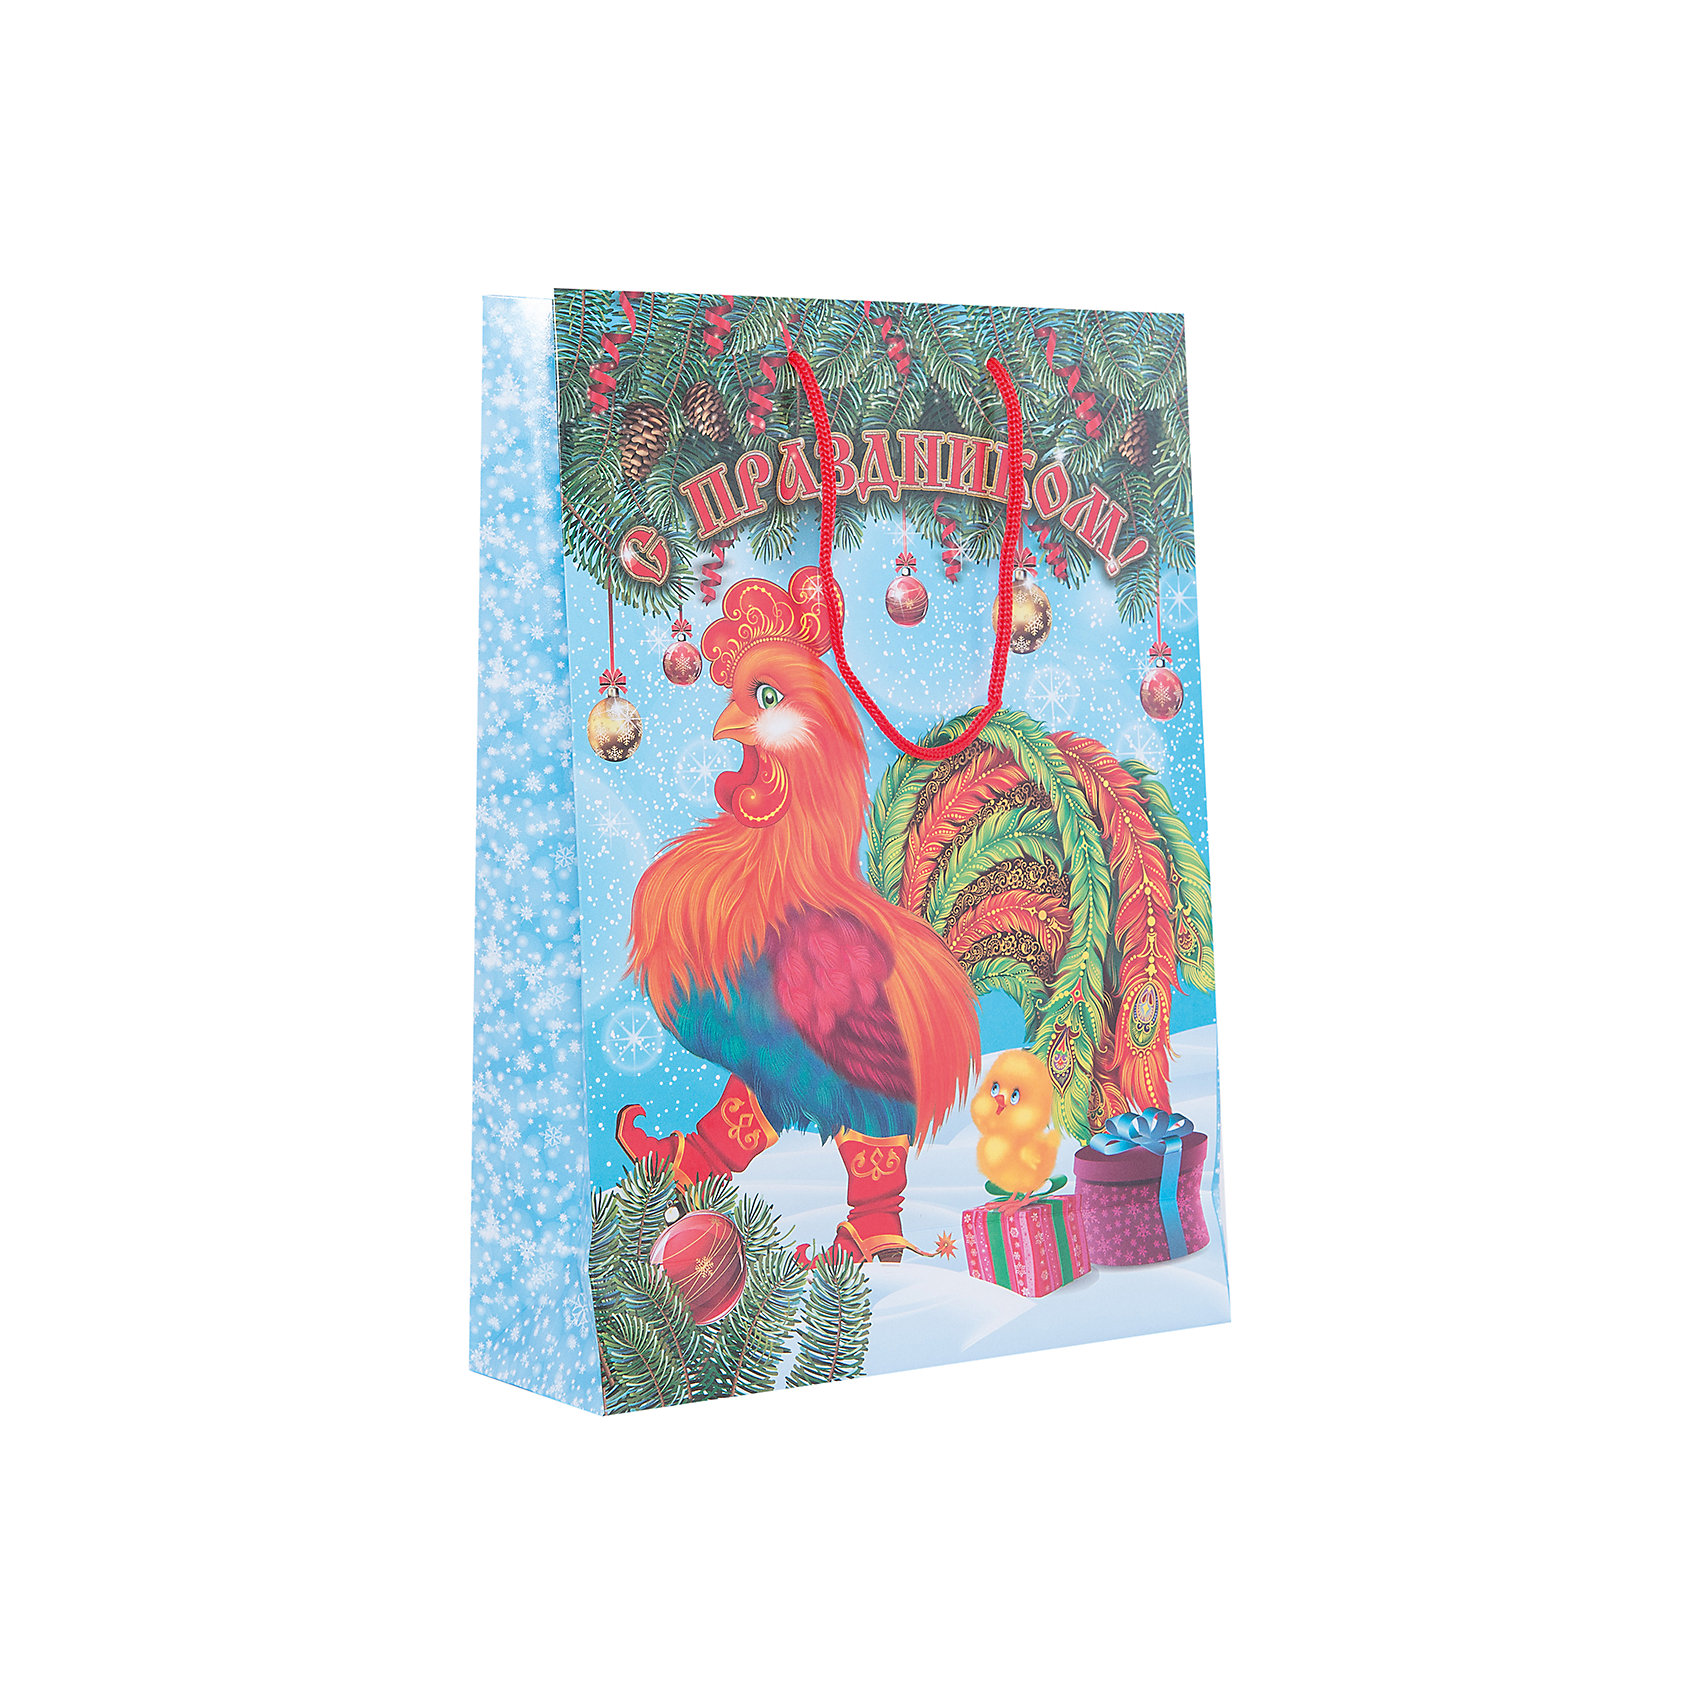 Пакет подарочный  символ года Петух 35х25х10Всё для праздника<br>Подарочный бумажный пакет «Петух» с очаровательным символом 2017 года празднично украсит подарок и создаст новогоднее настроение. Размер: 35х25х9 см. В ассортименте вы также сможете найти такой же пакет размером  23х18х10 см.<br><br>Ширина мм: 350<br>Глубина мм: 250<br>Высота мм: 3<br>Вес г: 78<br>Возраст от месяцев: 36<br>Возраст до месяцев: 120<br>Пол: Унисекс<br>Возраст: Детский<br>SKU: 5016452